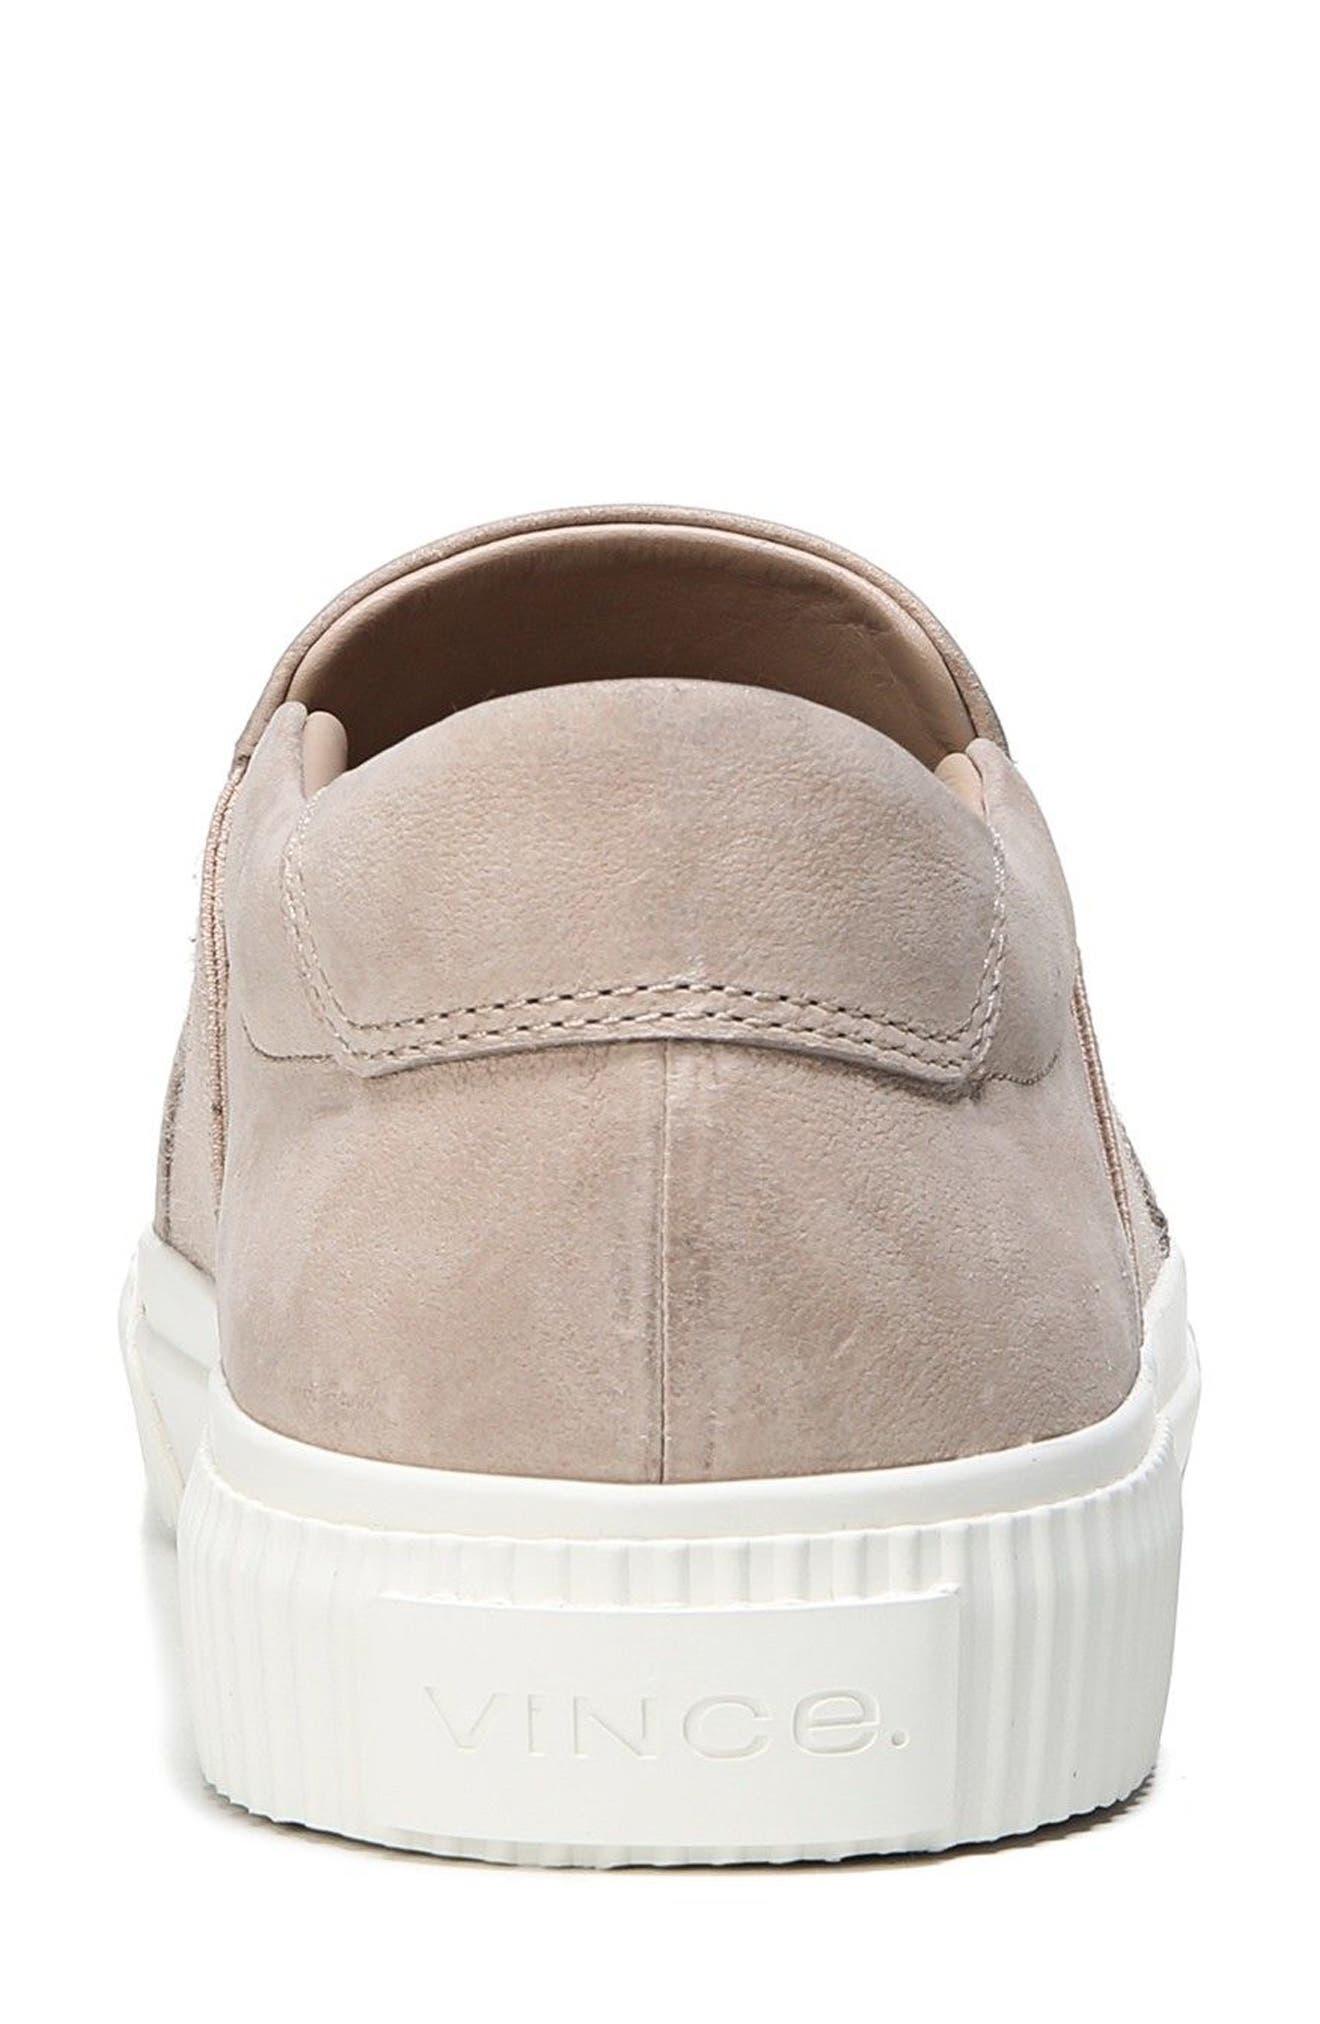 Knox Slip-On Sneaker,                             Alternate thumbnail 14, color,